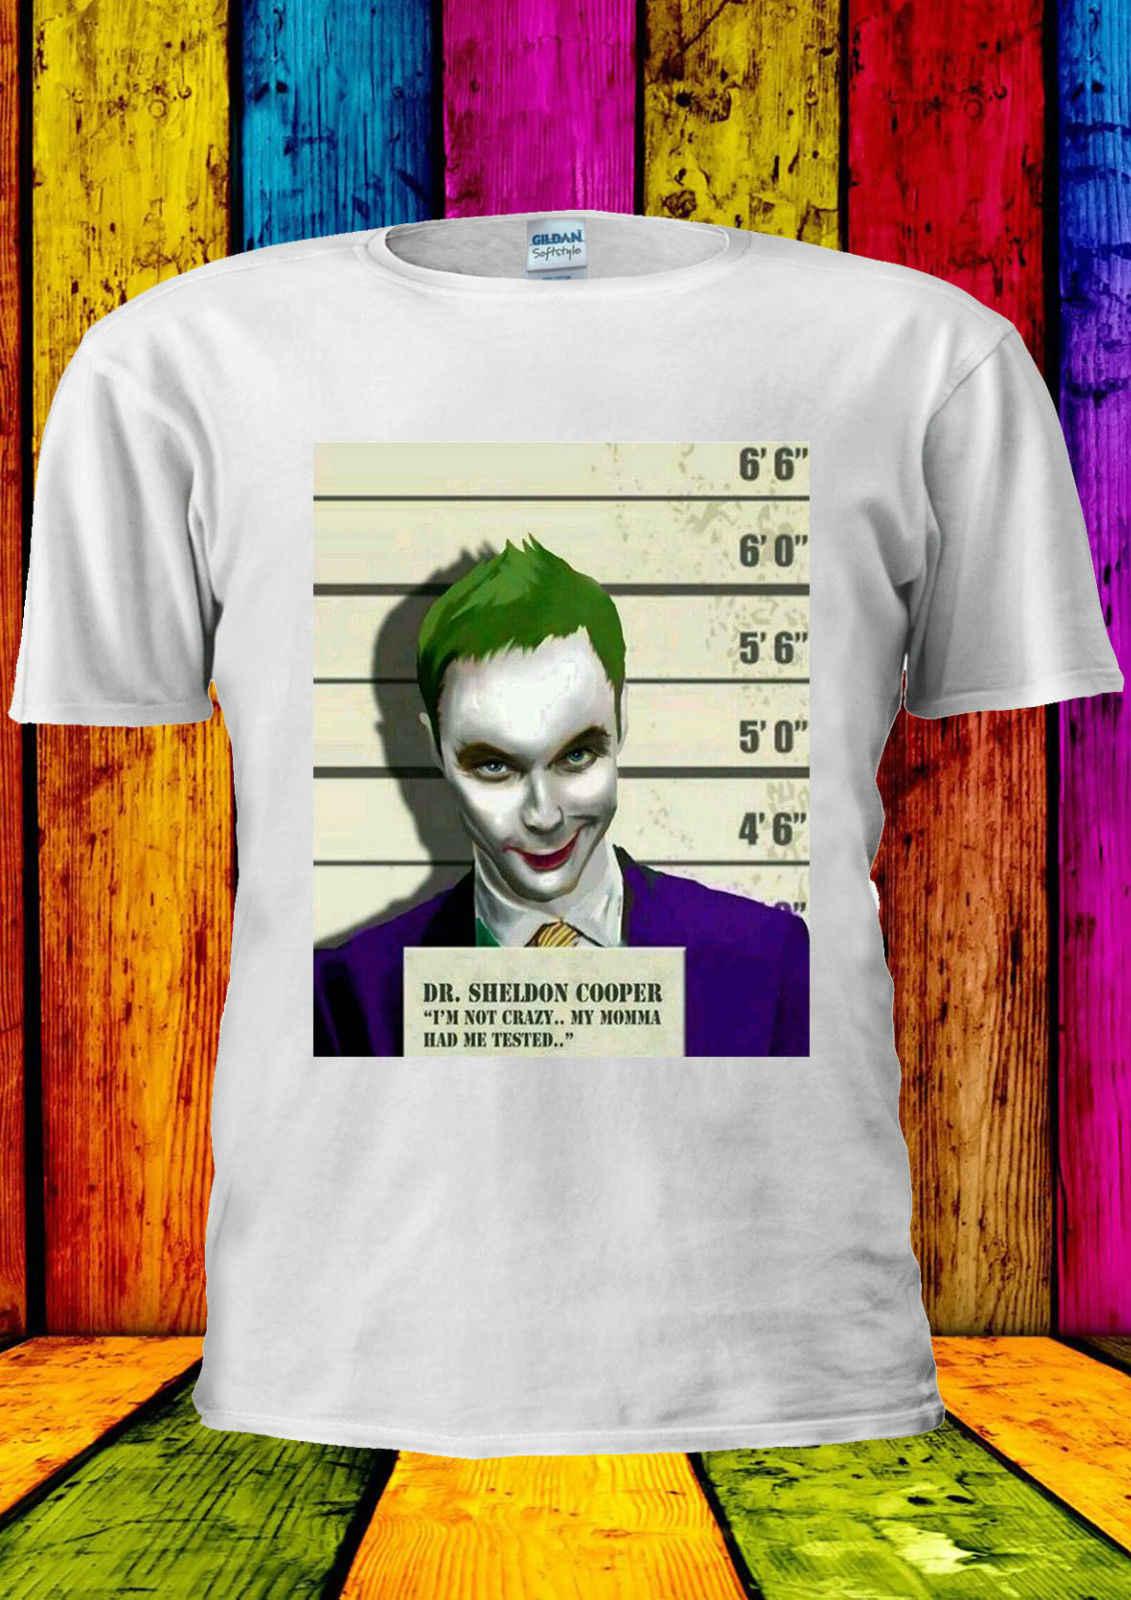 DR. Sheldon Cooper vs The Joker Swag футболка для мужчин и женщин унисекс 2317 Повседневная принтованная футболка, забавная футболка в стиле хип-хоп